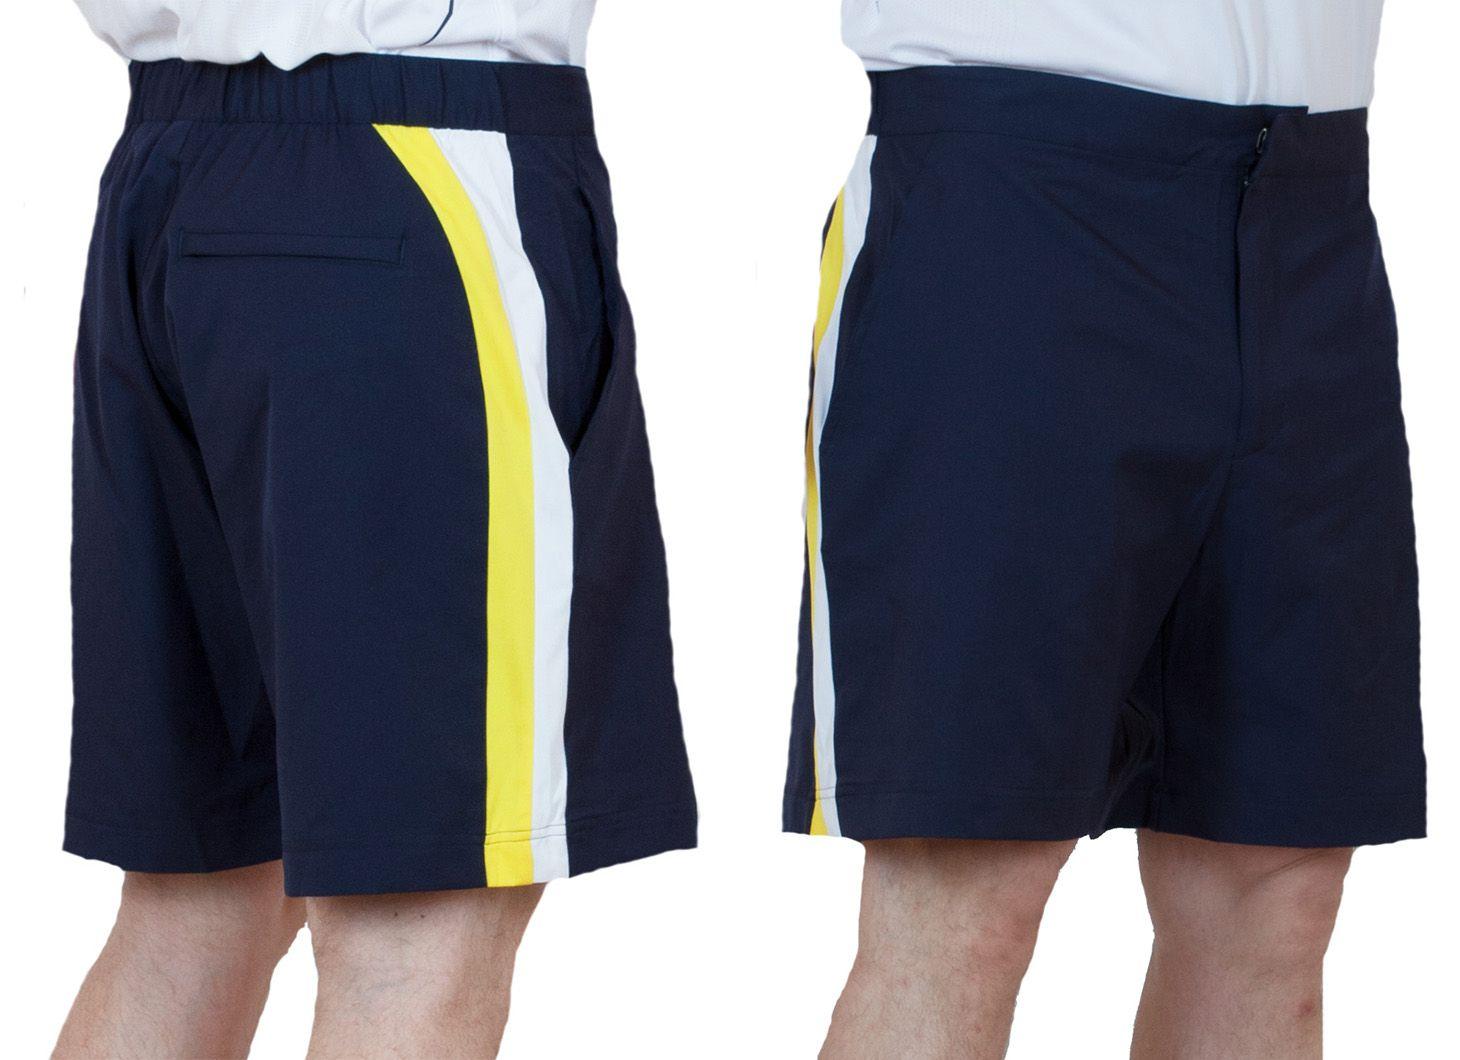 Заказать удобные мужские шорты для спорта